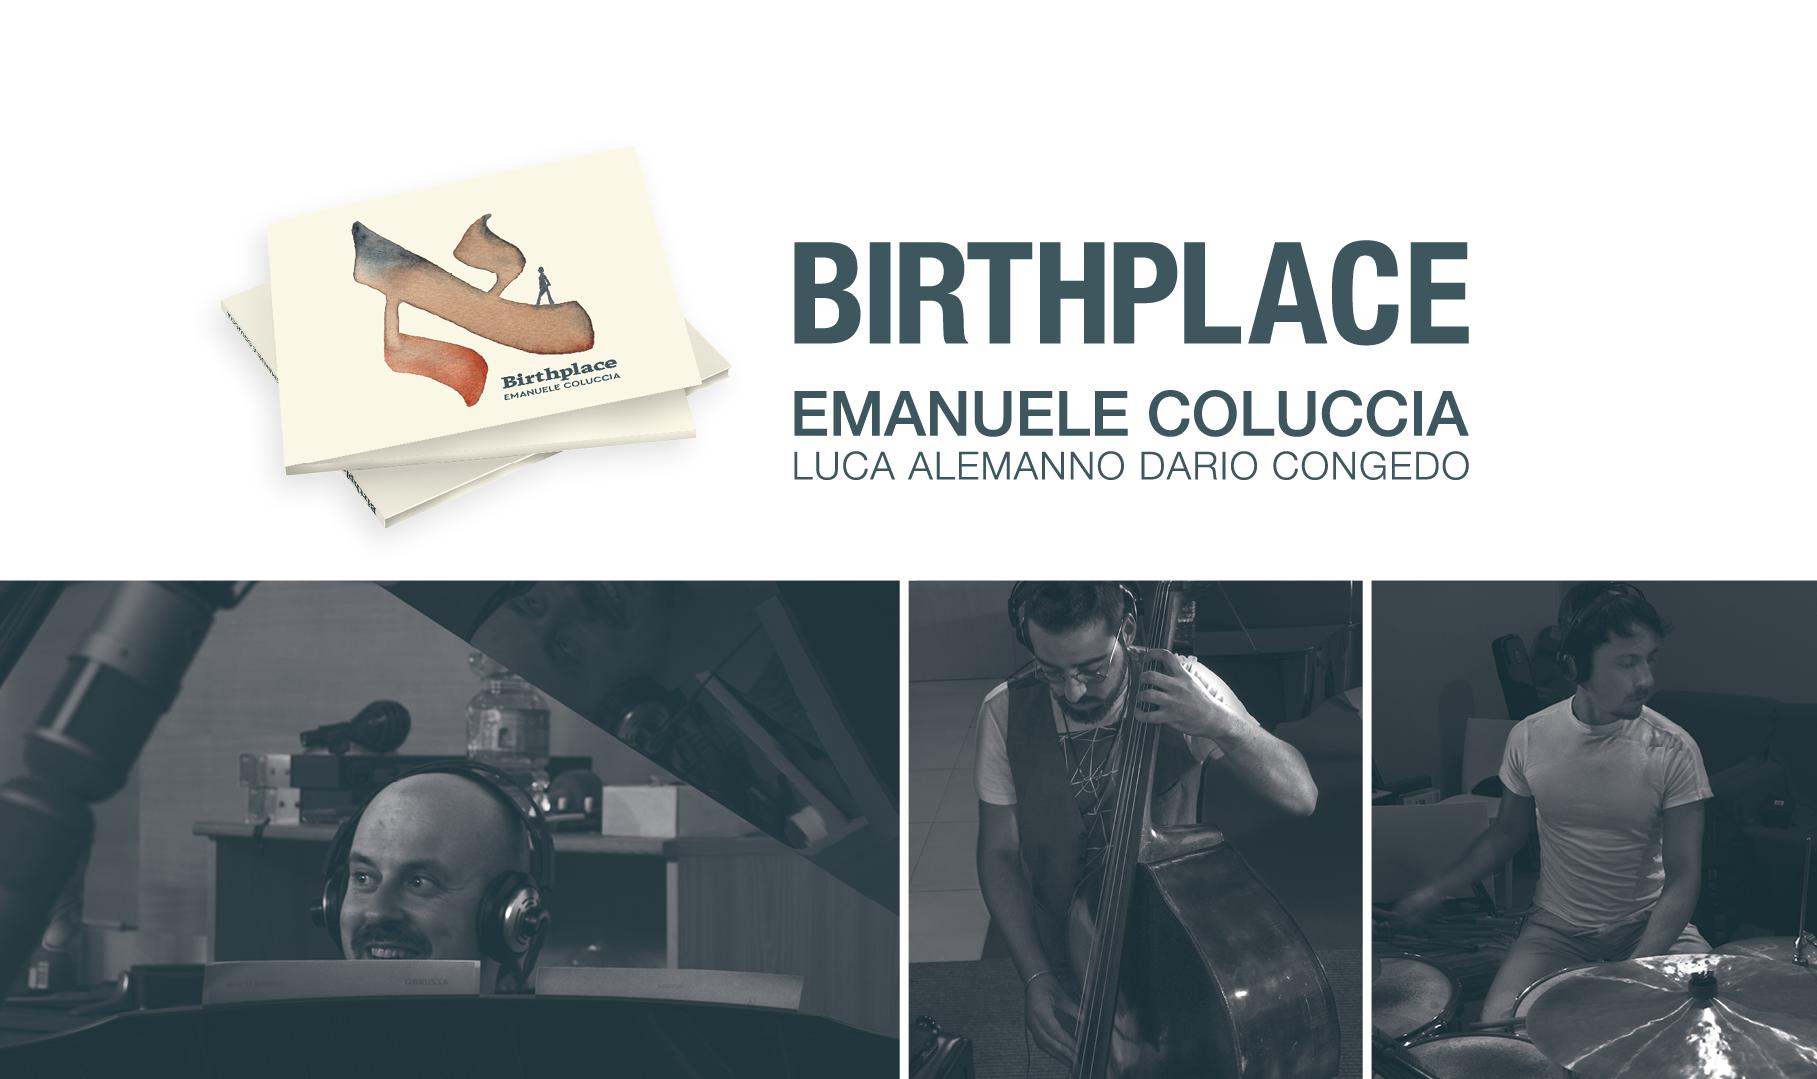 Risultati immagini per emanuele coluccia birthplace